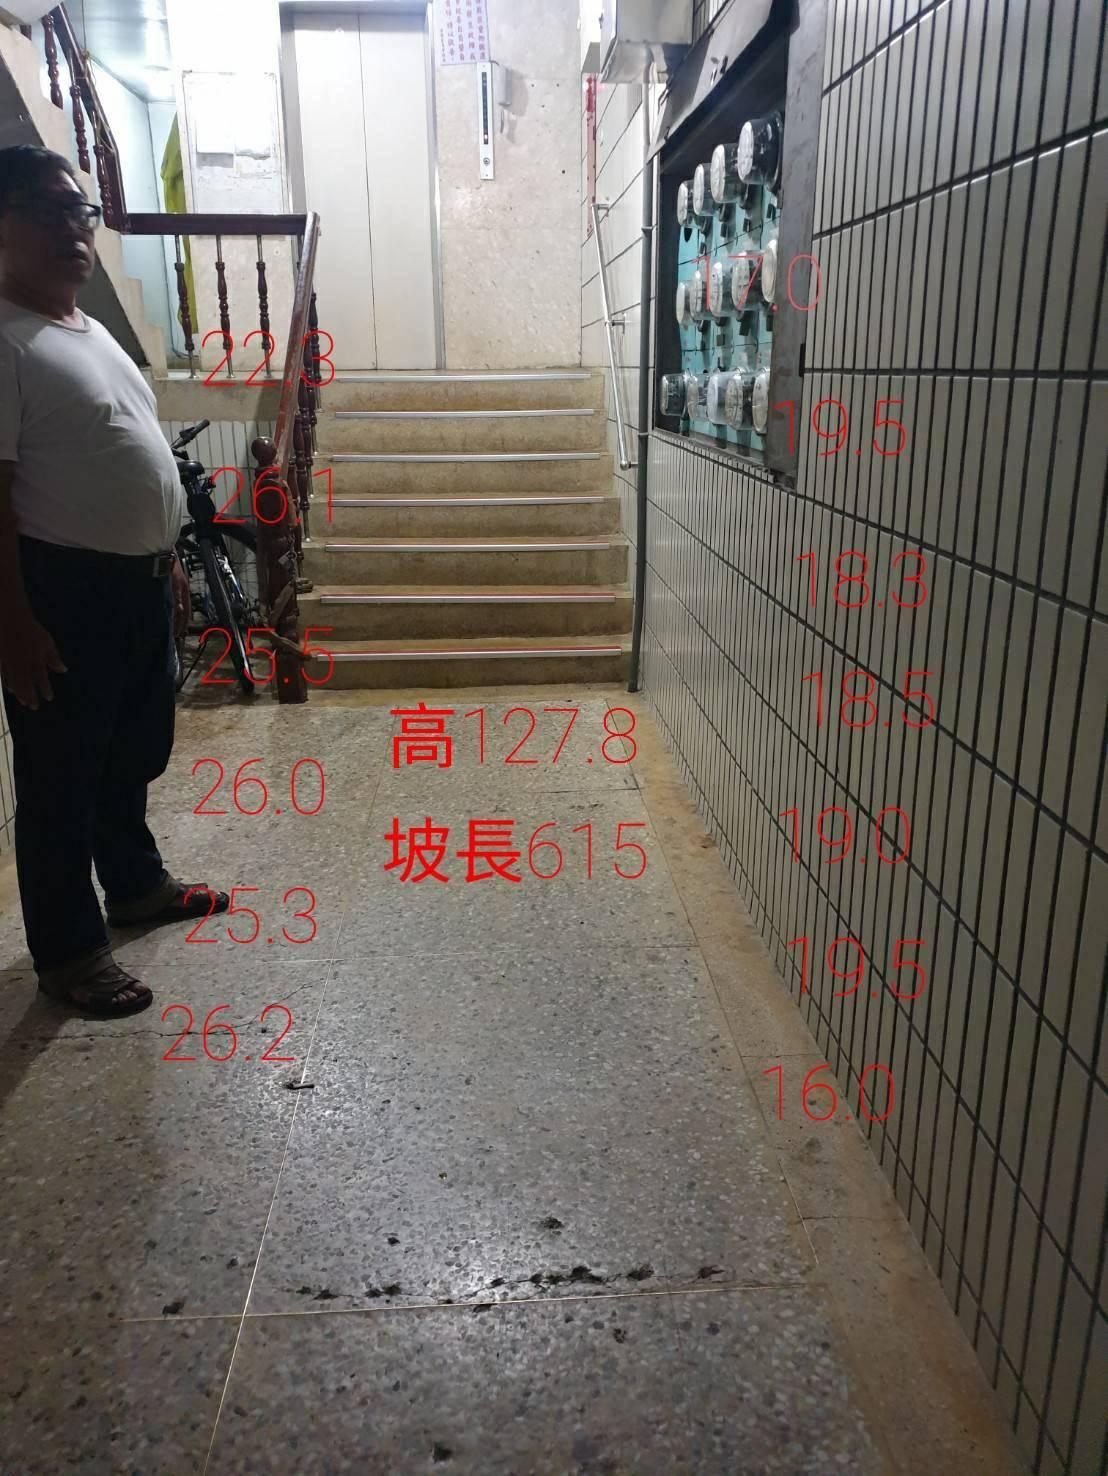 樓梯高度127.8公分阻礙輪椅上下